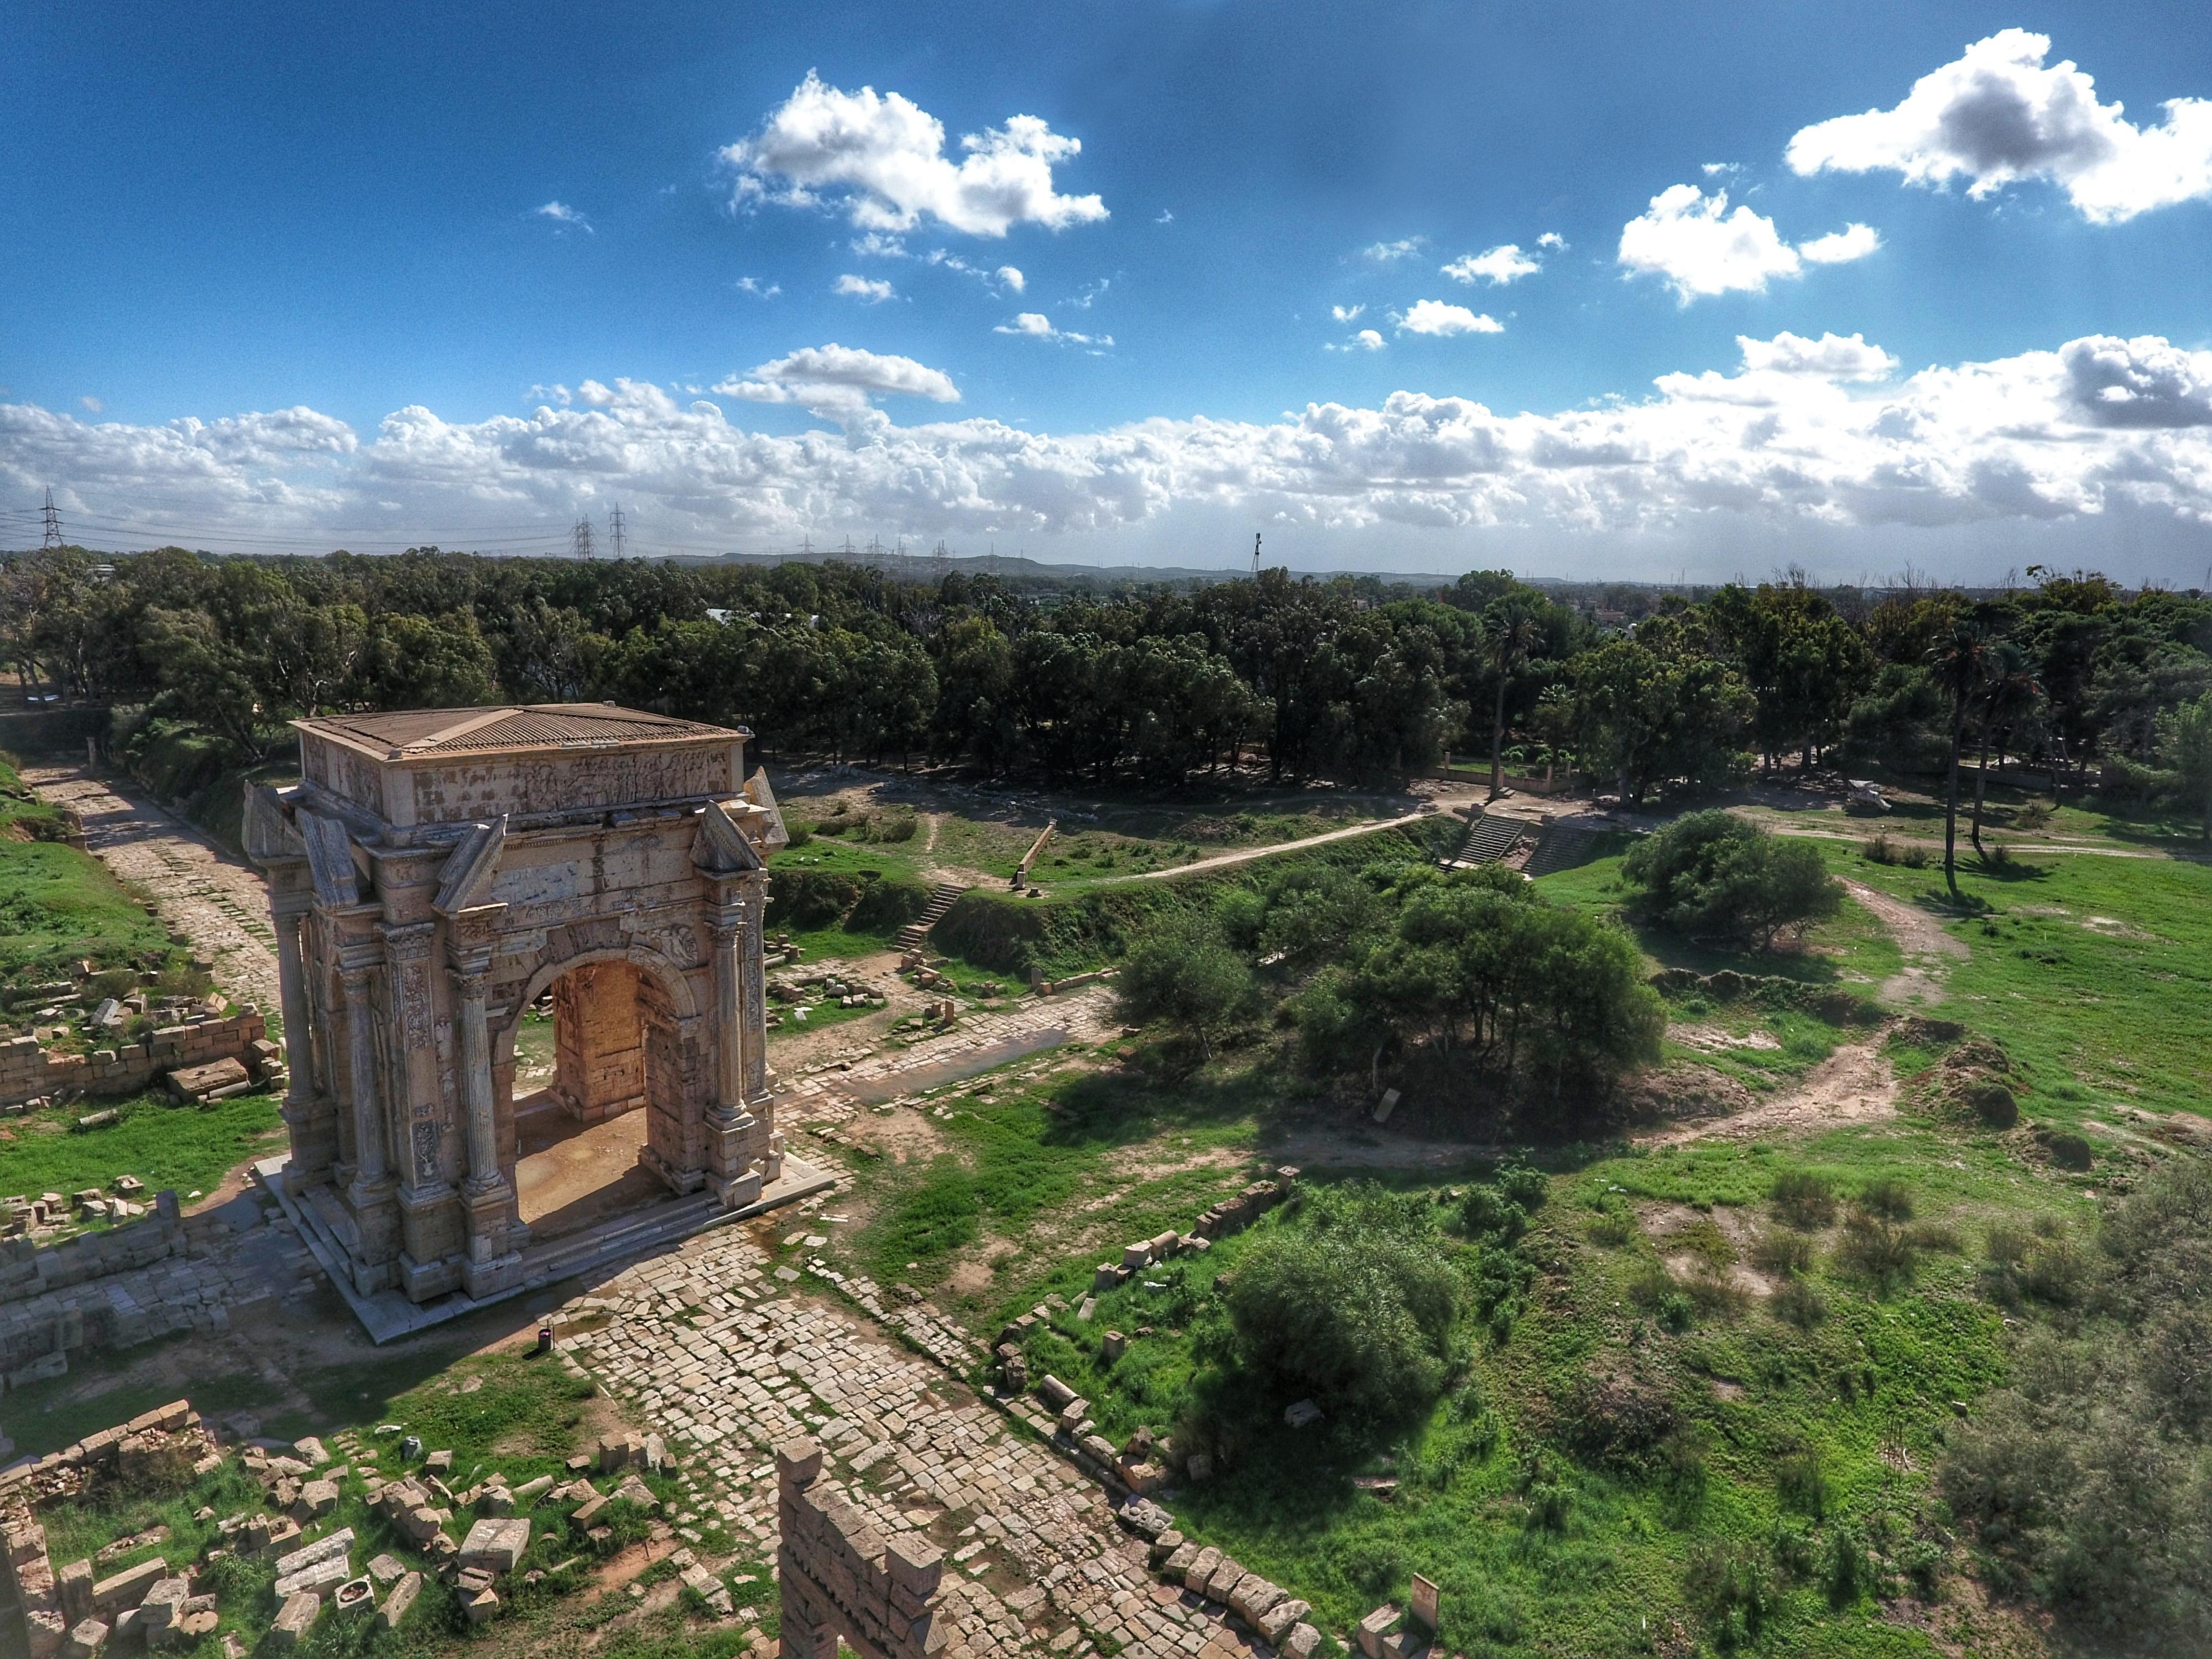 قوس النصر بمدينة لبدة الأثرية زينيت ليبيا المجهولة الثقافة